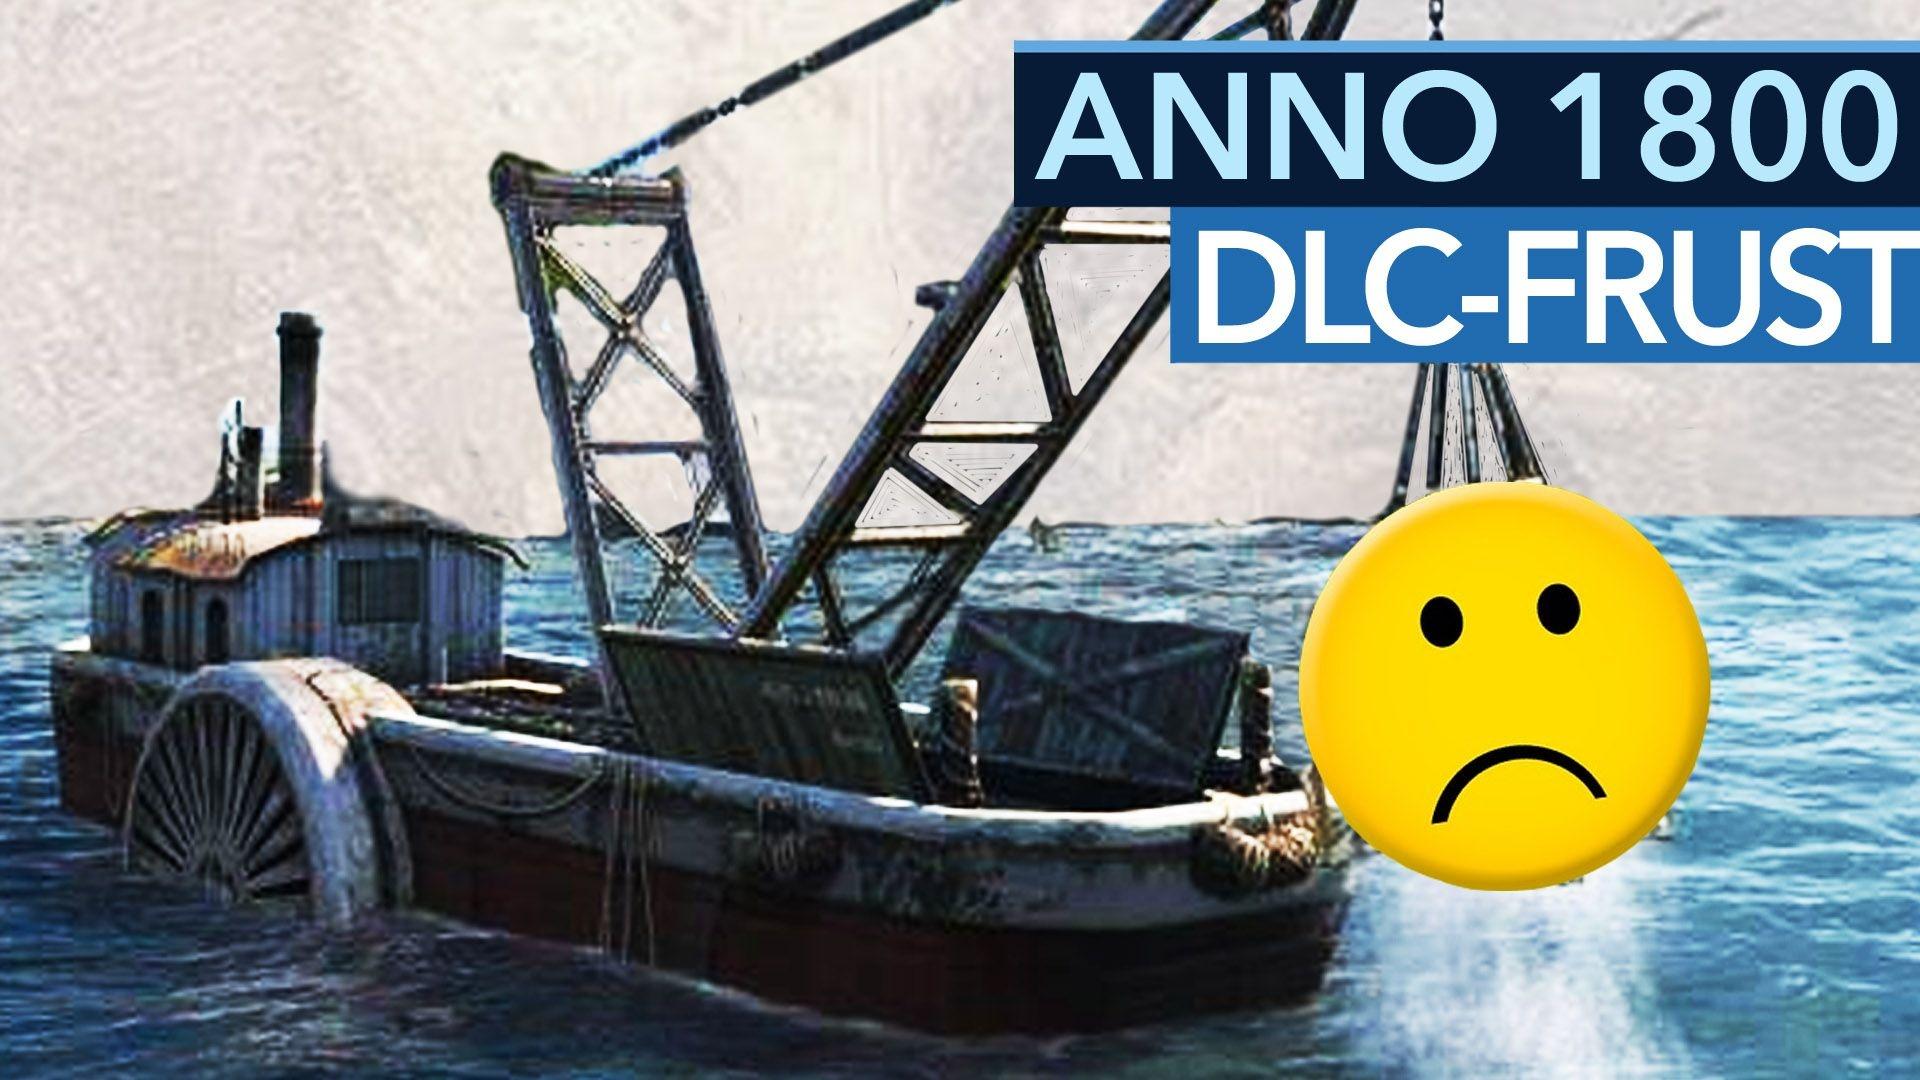 Anno 1800 - Warum der neue DLC-Plan nicht gut zur Serie passt